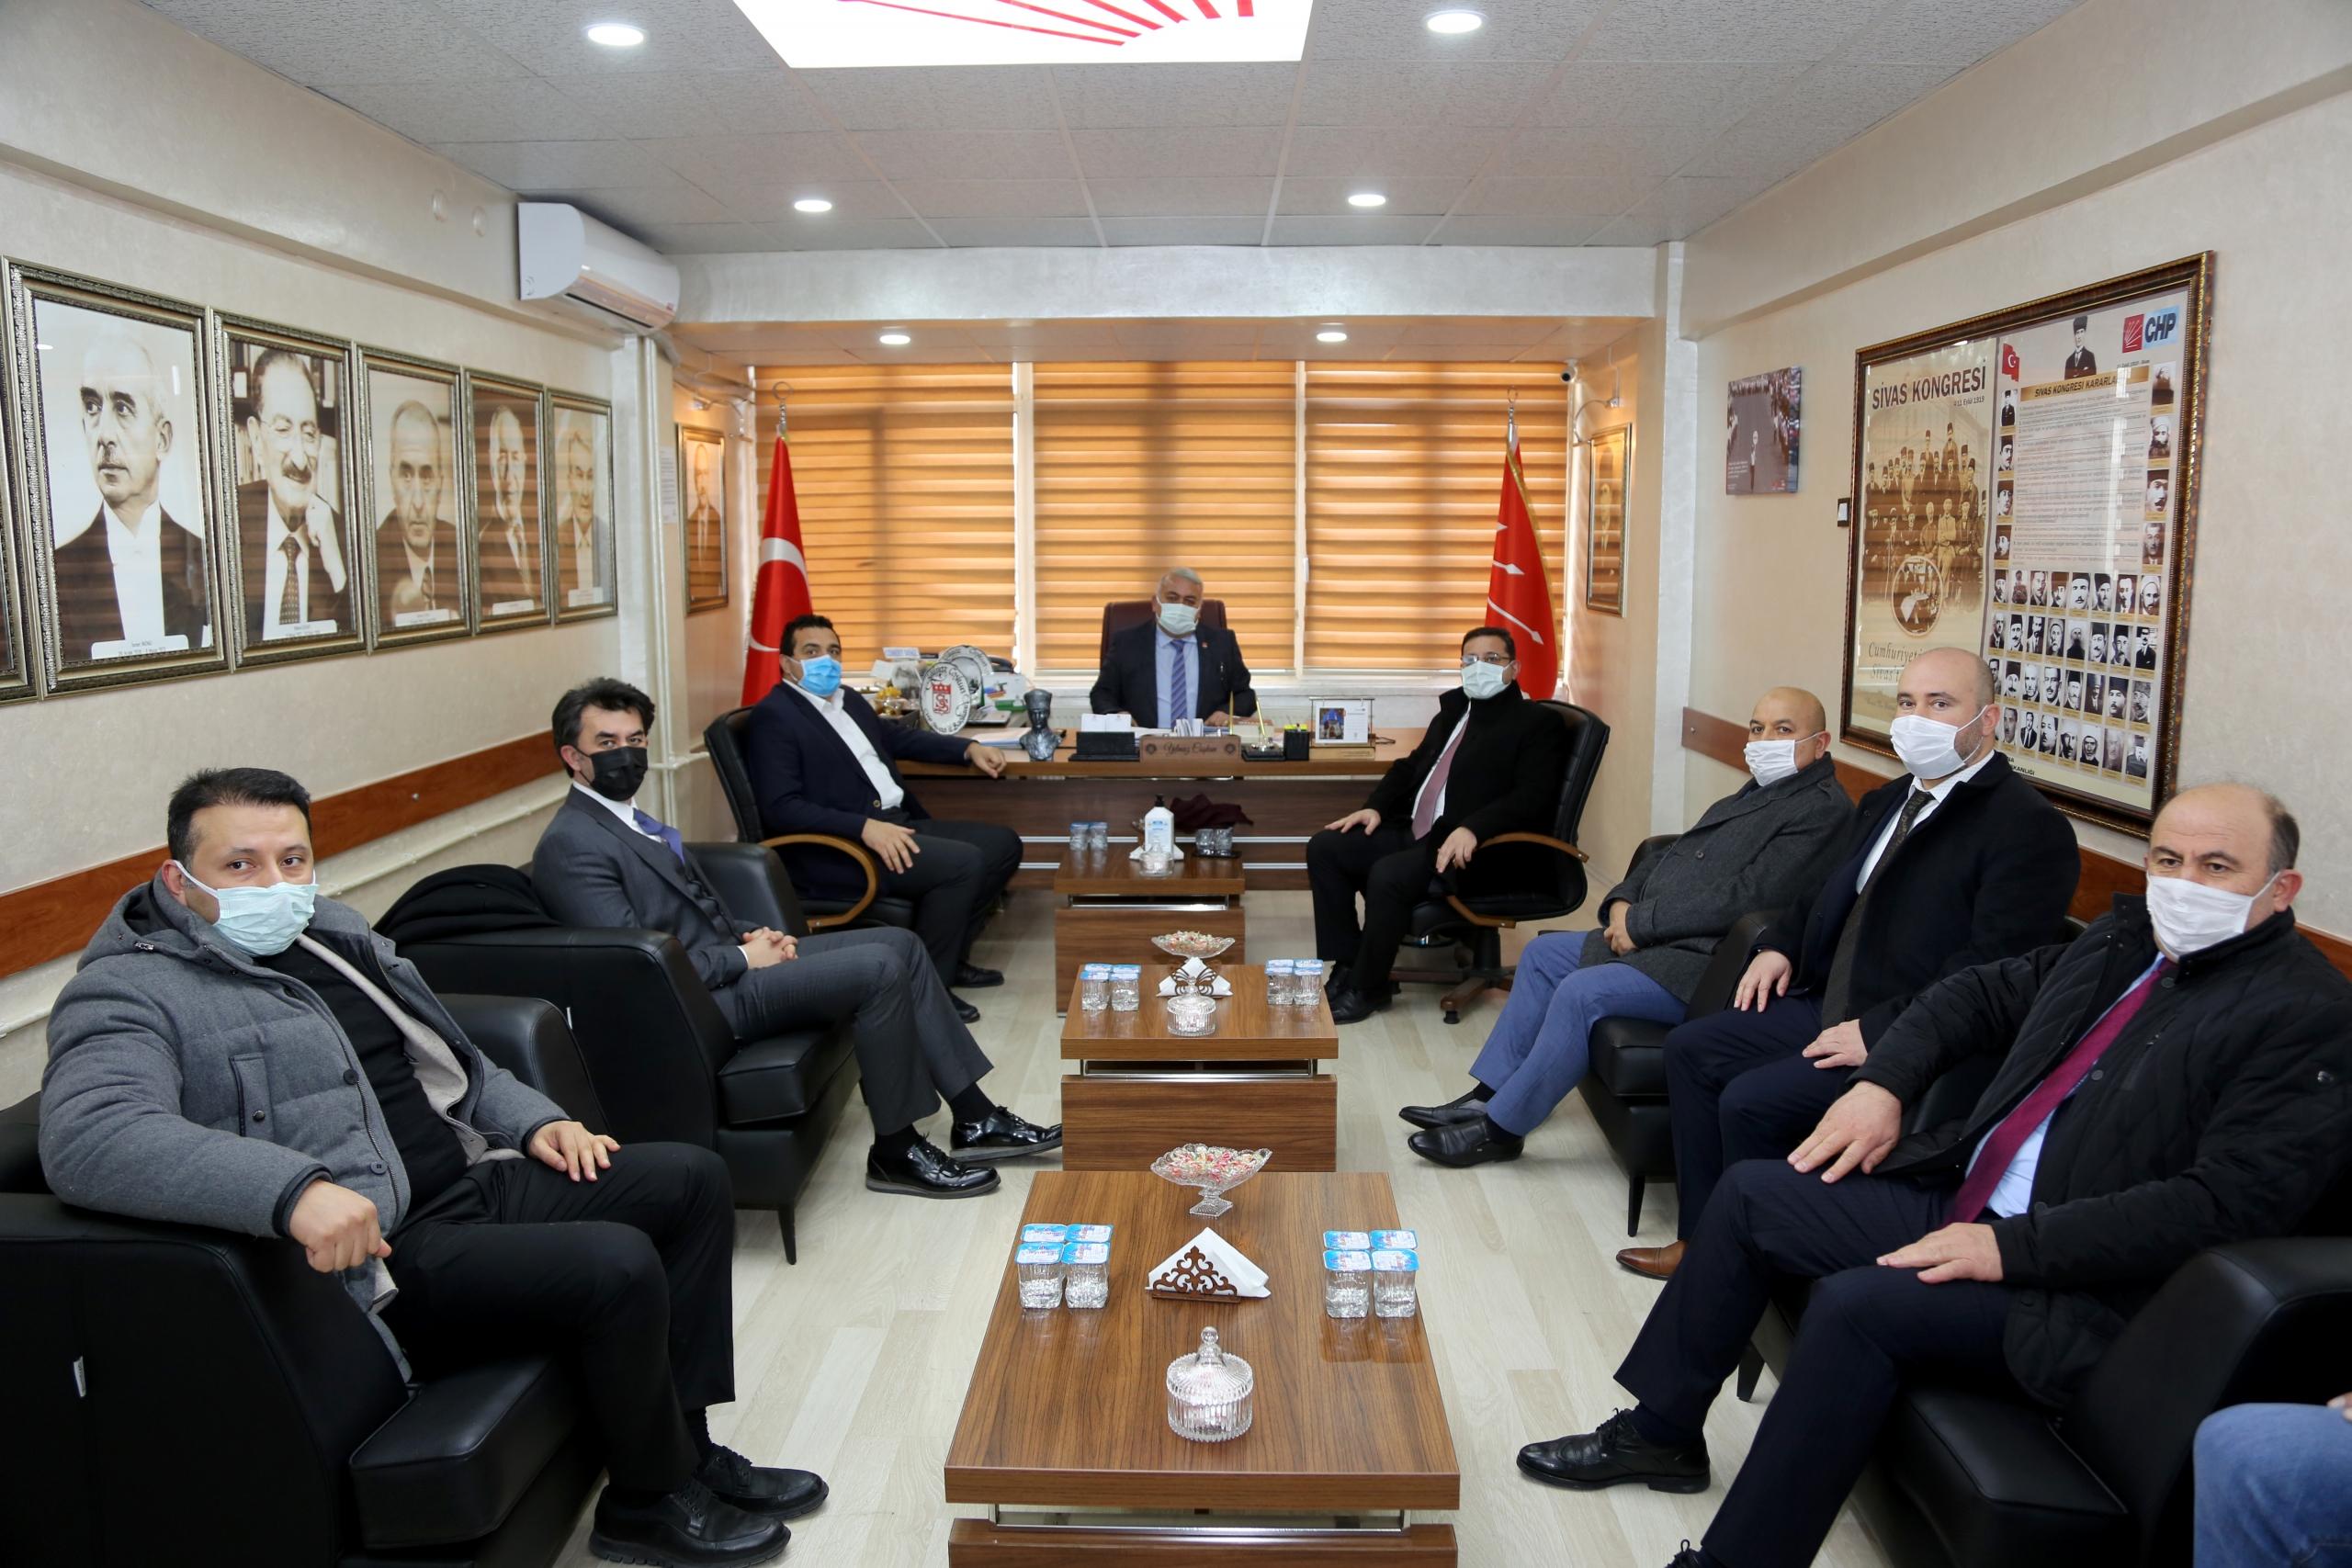 Sivas Ticaret ve Sanayi Odası (STSO) Başkanı Mustafa Eken ve yönetimi, siyasi partileri ziyaret etti